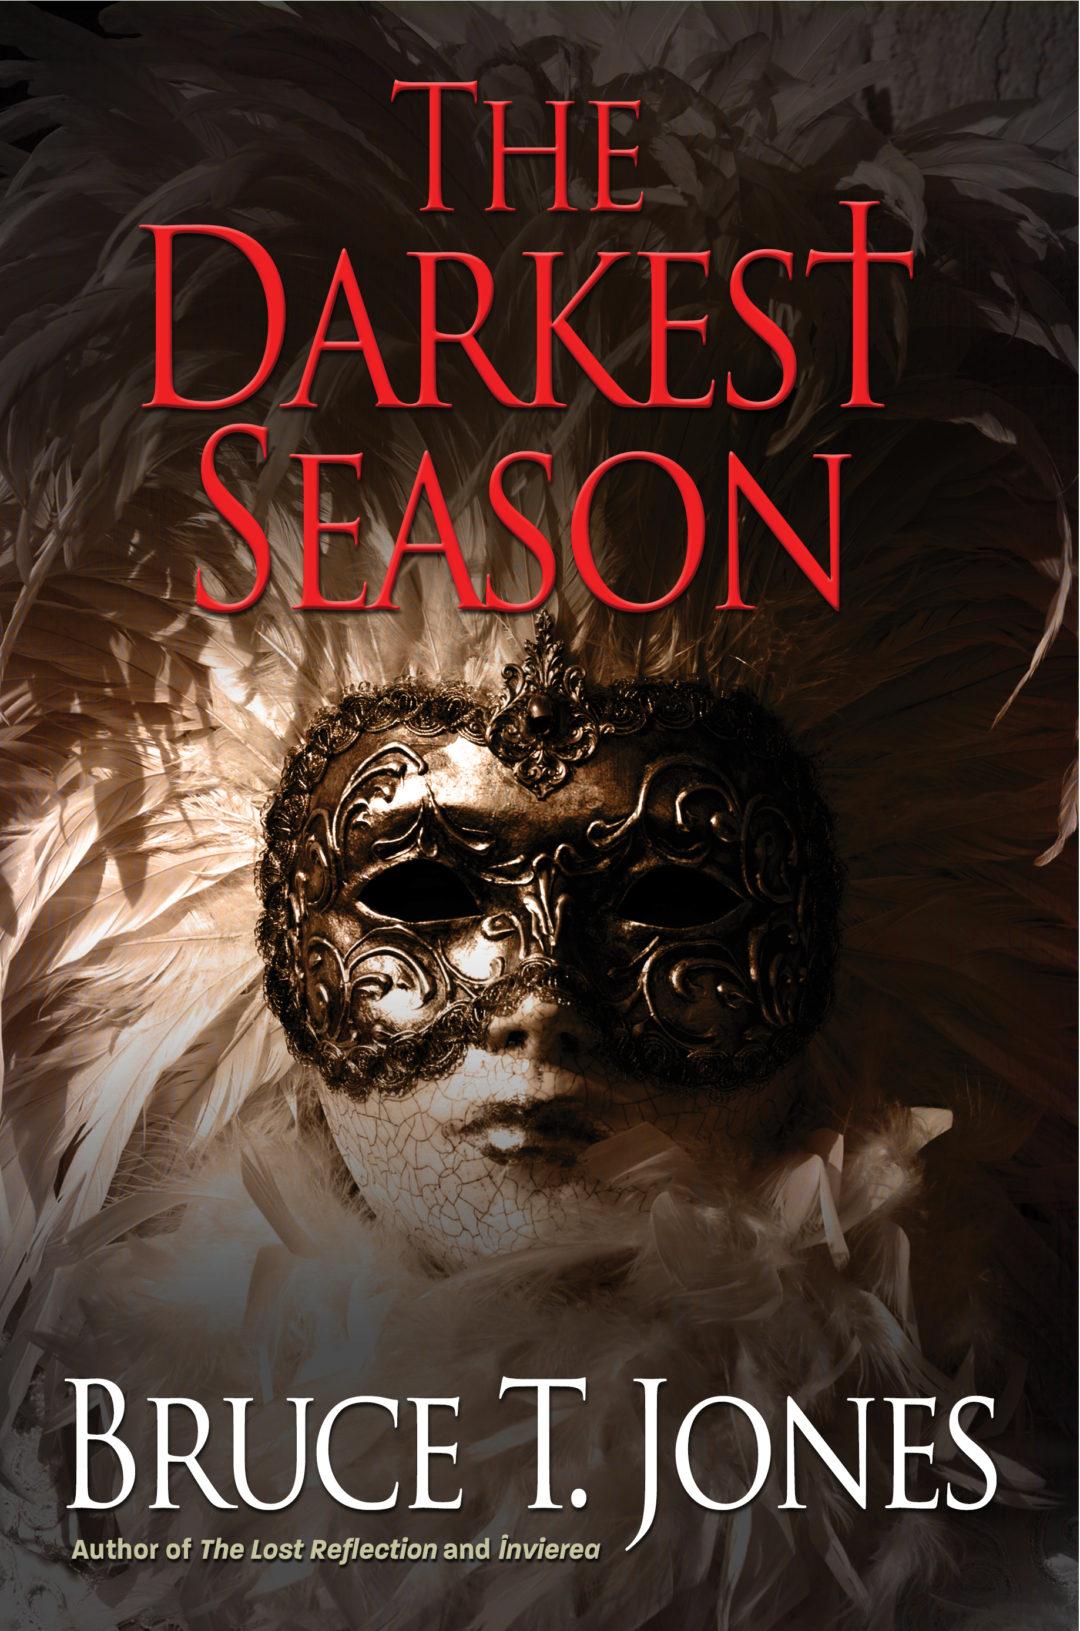 The Darkest Season